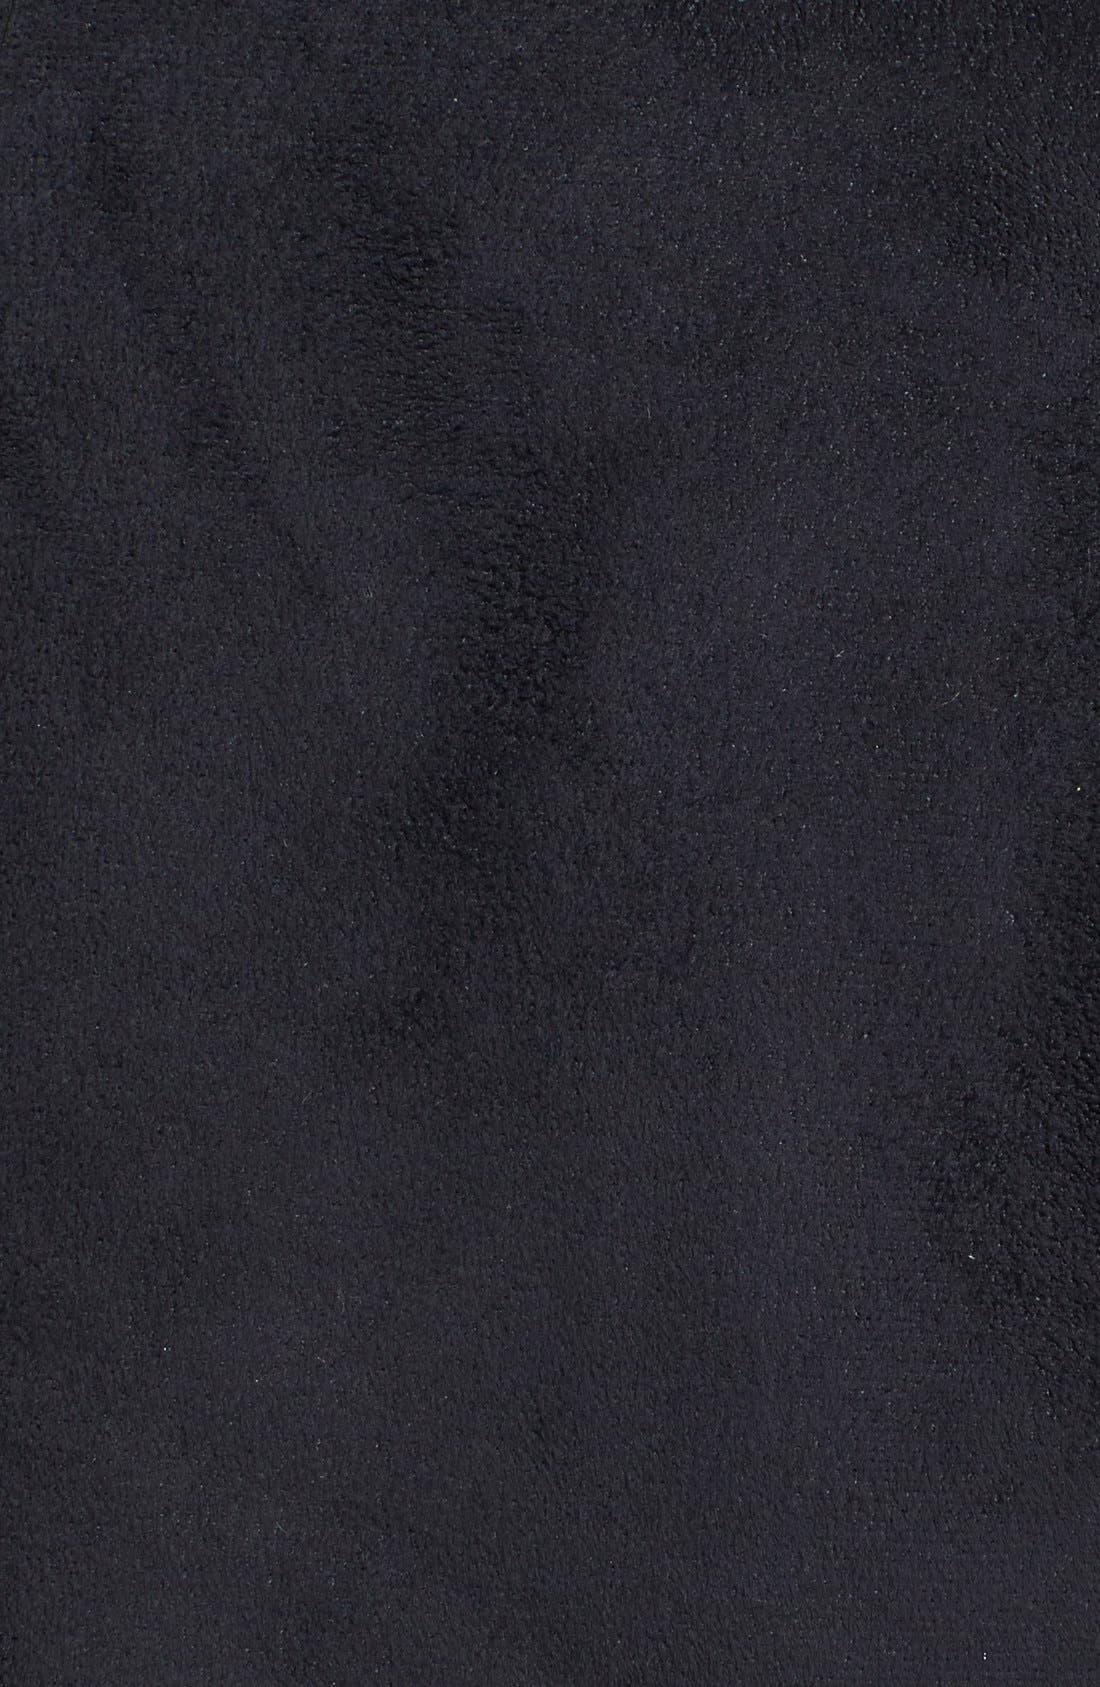 Faux Fur Trim Faux Suede Jacket,                             Alternate thumbnail 3, color,                             001